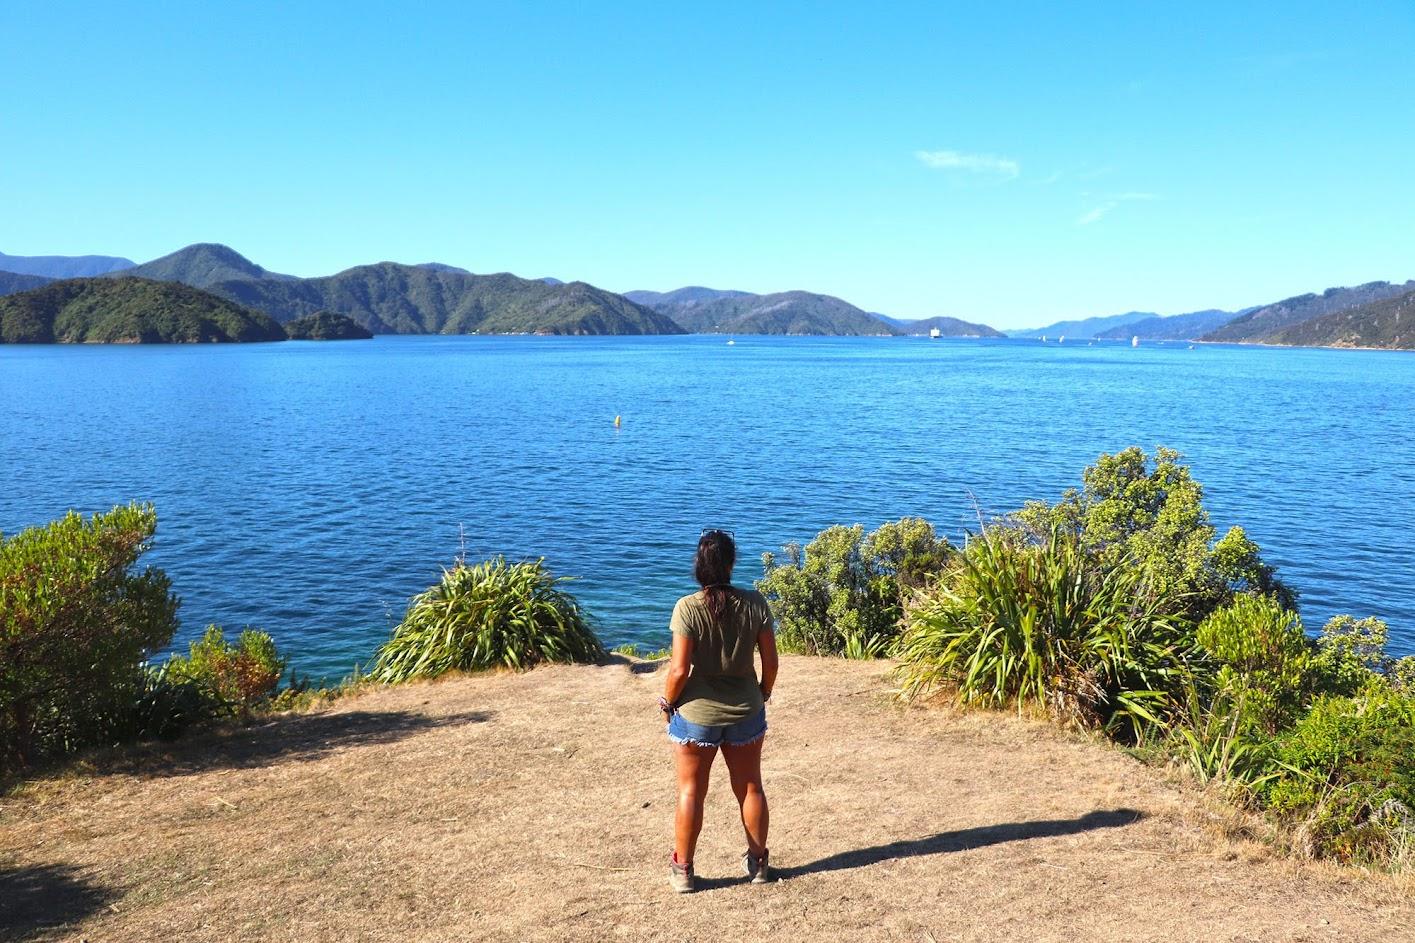 VISITAR PICTON, a porta de entrada dos Marlborough Sounds, na Ilha Sul da Nova Zelândia